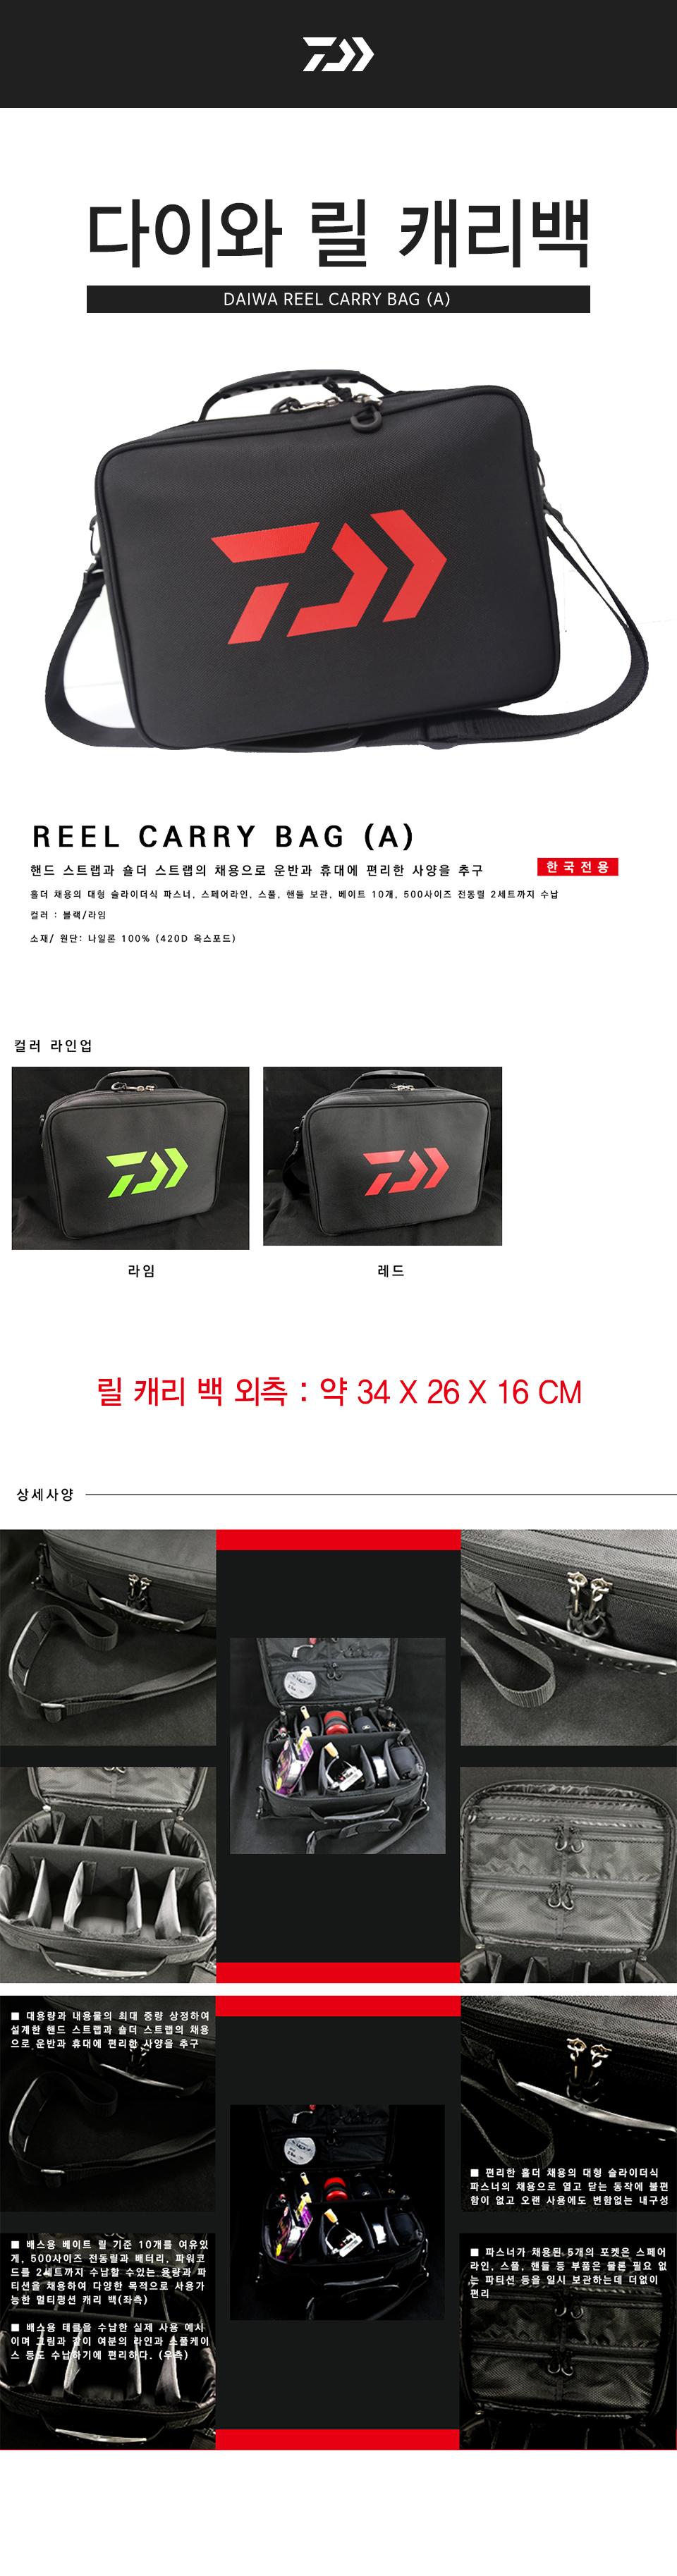 다이와 릴캐리백 (REEL CARRY BAG) 릴케리백 릴보관가방 릴가방 릴전용가방